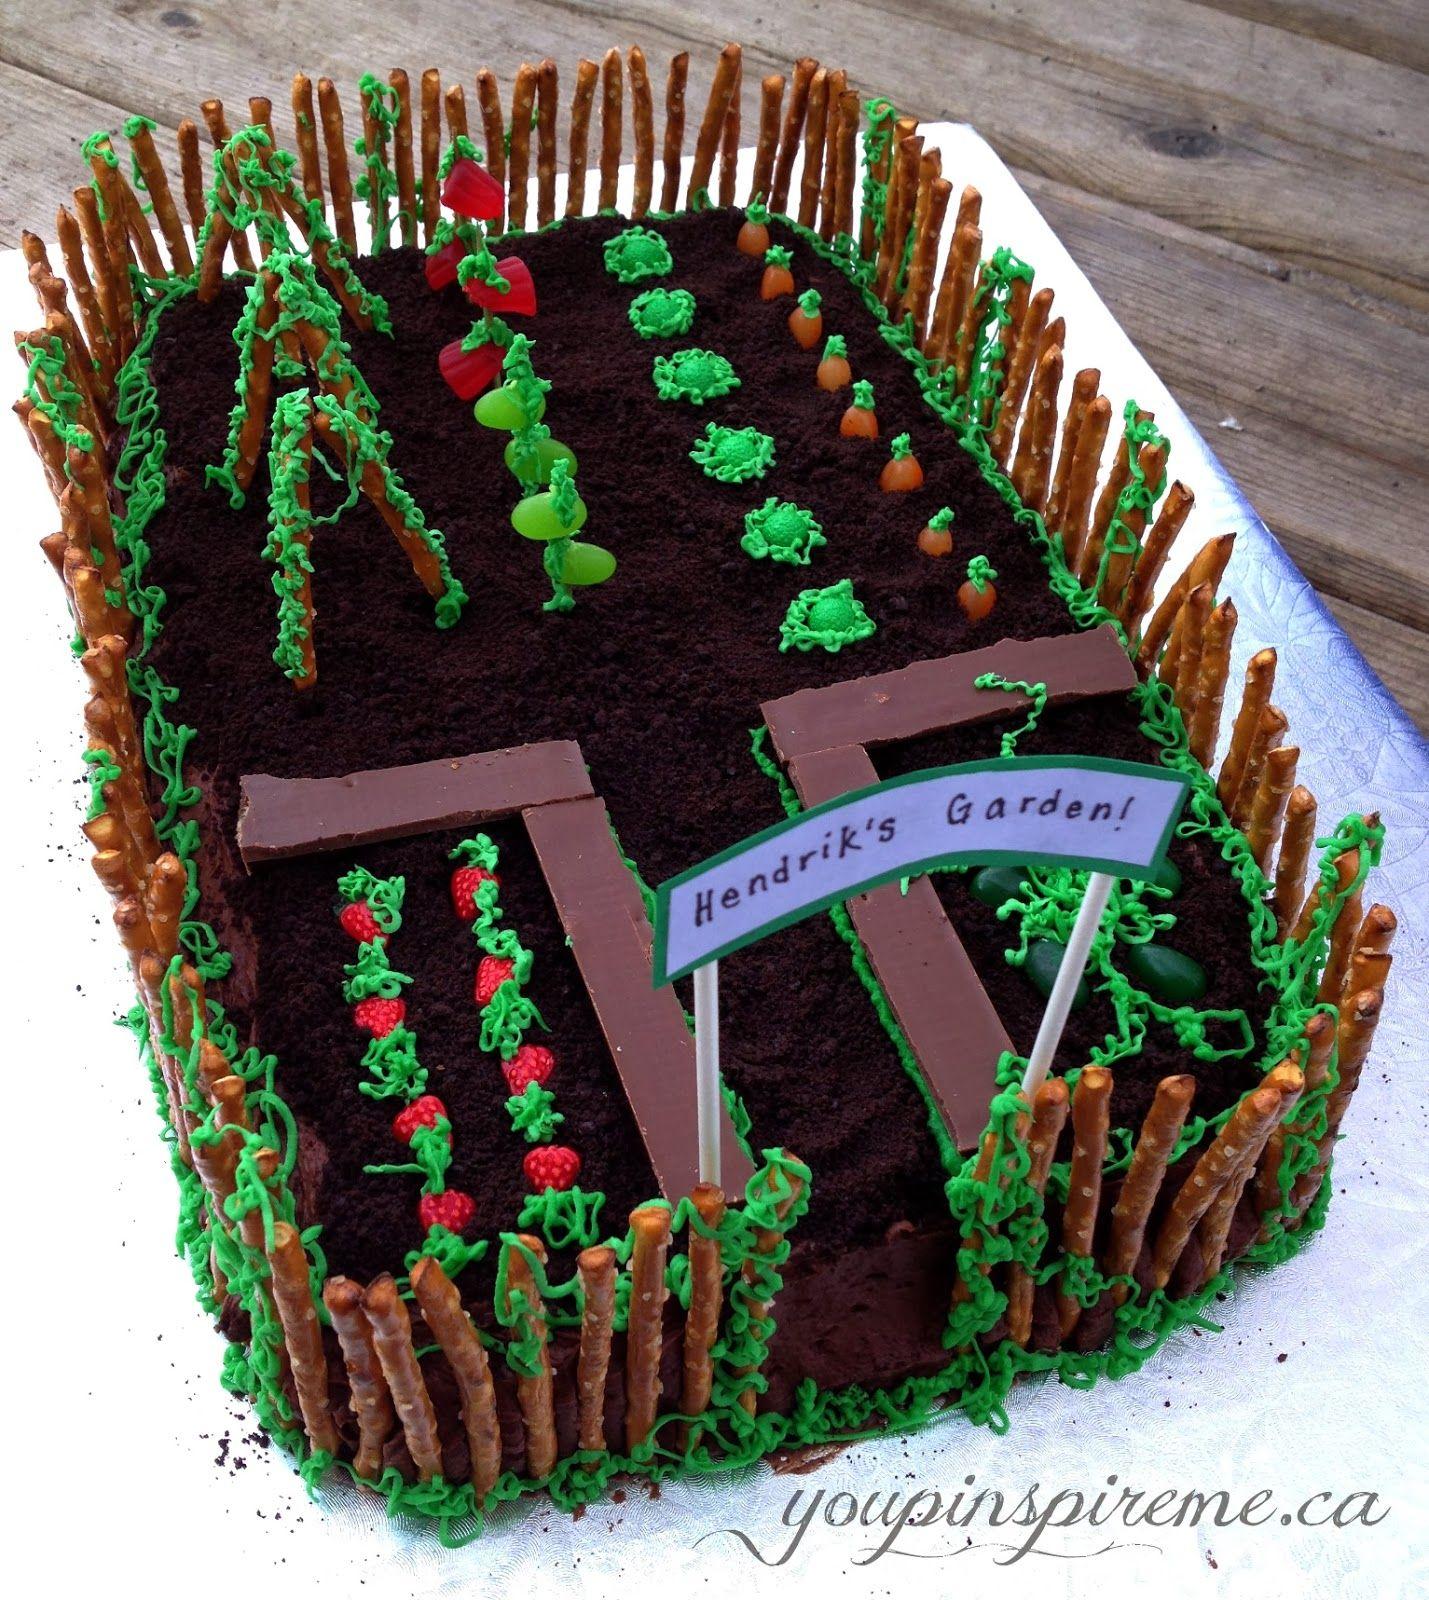 Garden Design Birthday Cake you pinspire me .: garden theme birthday cake | theme parties